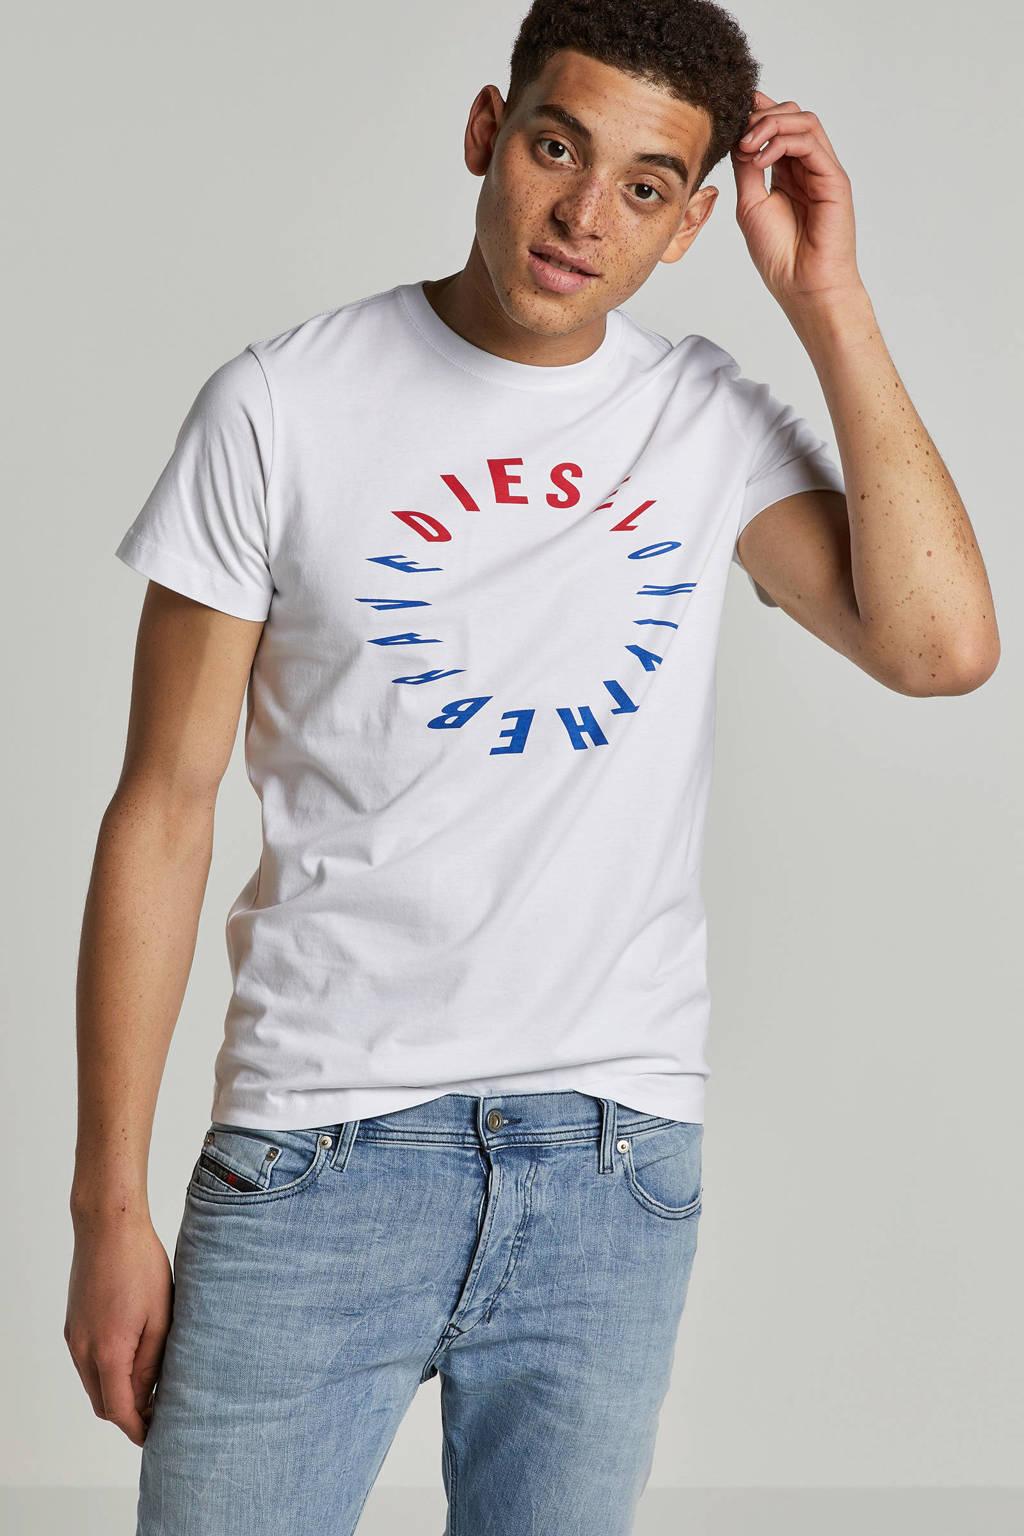 Diesel T-shirt met print opdruk, Wit/rood/blauw